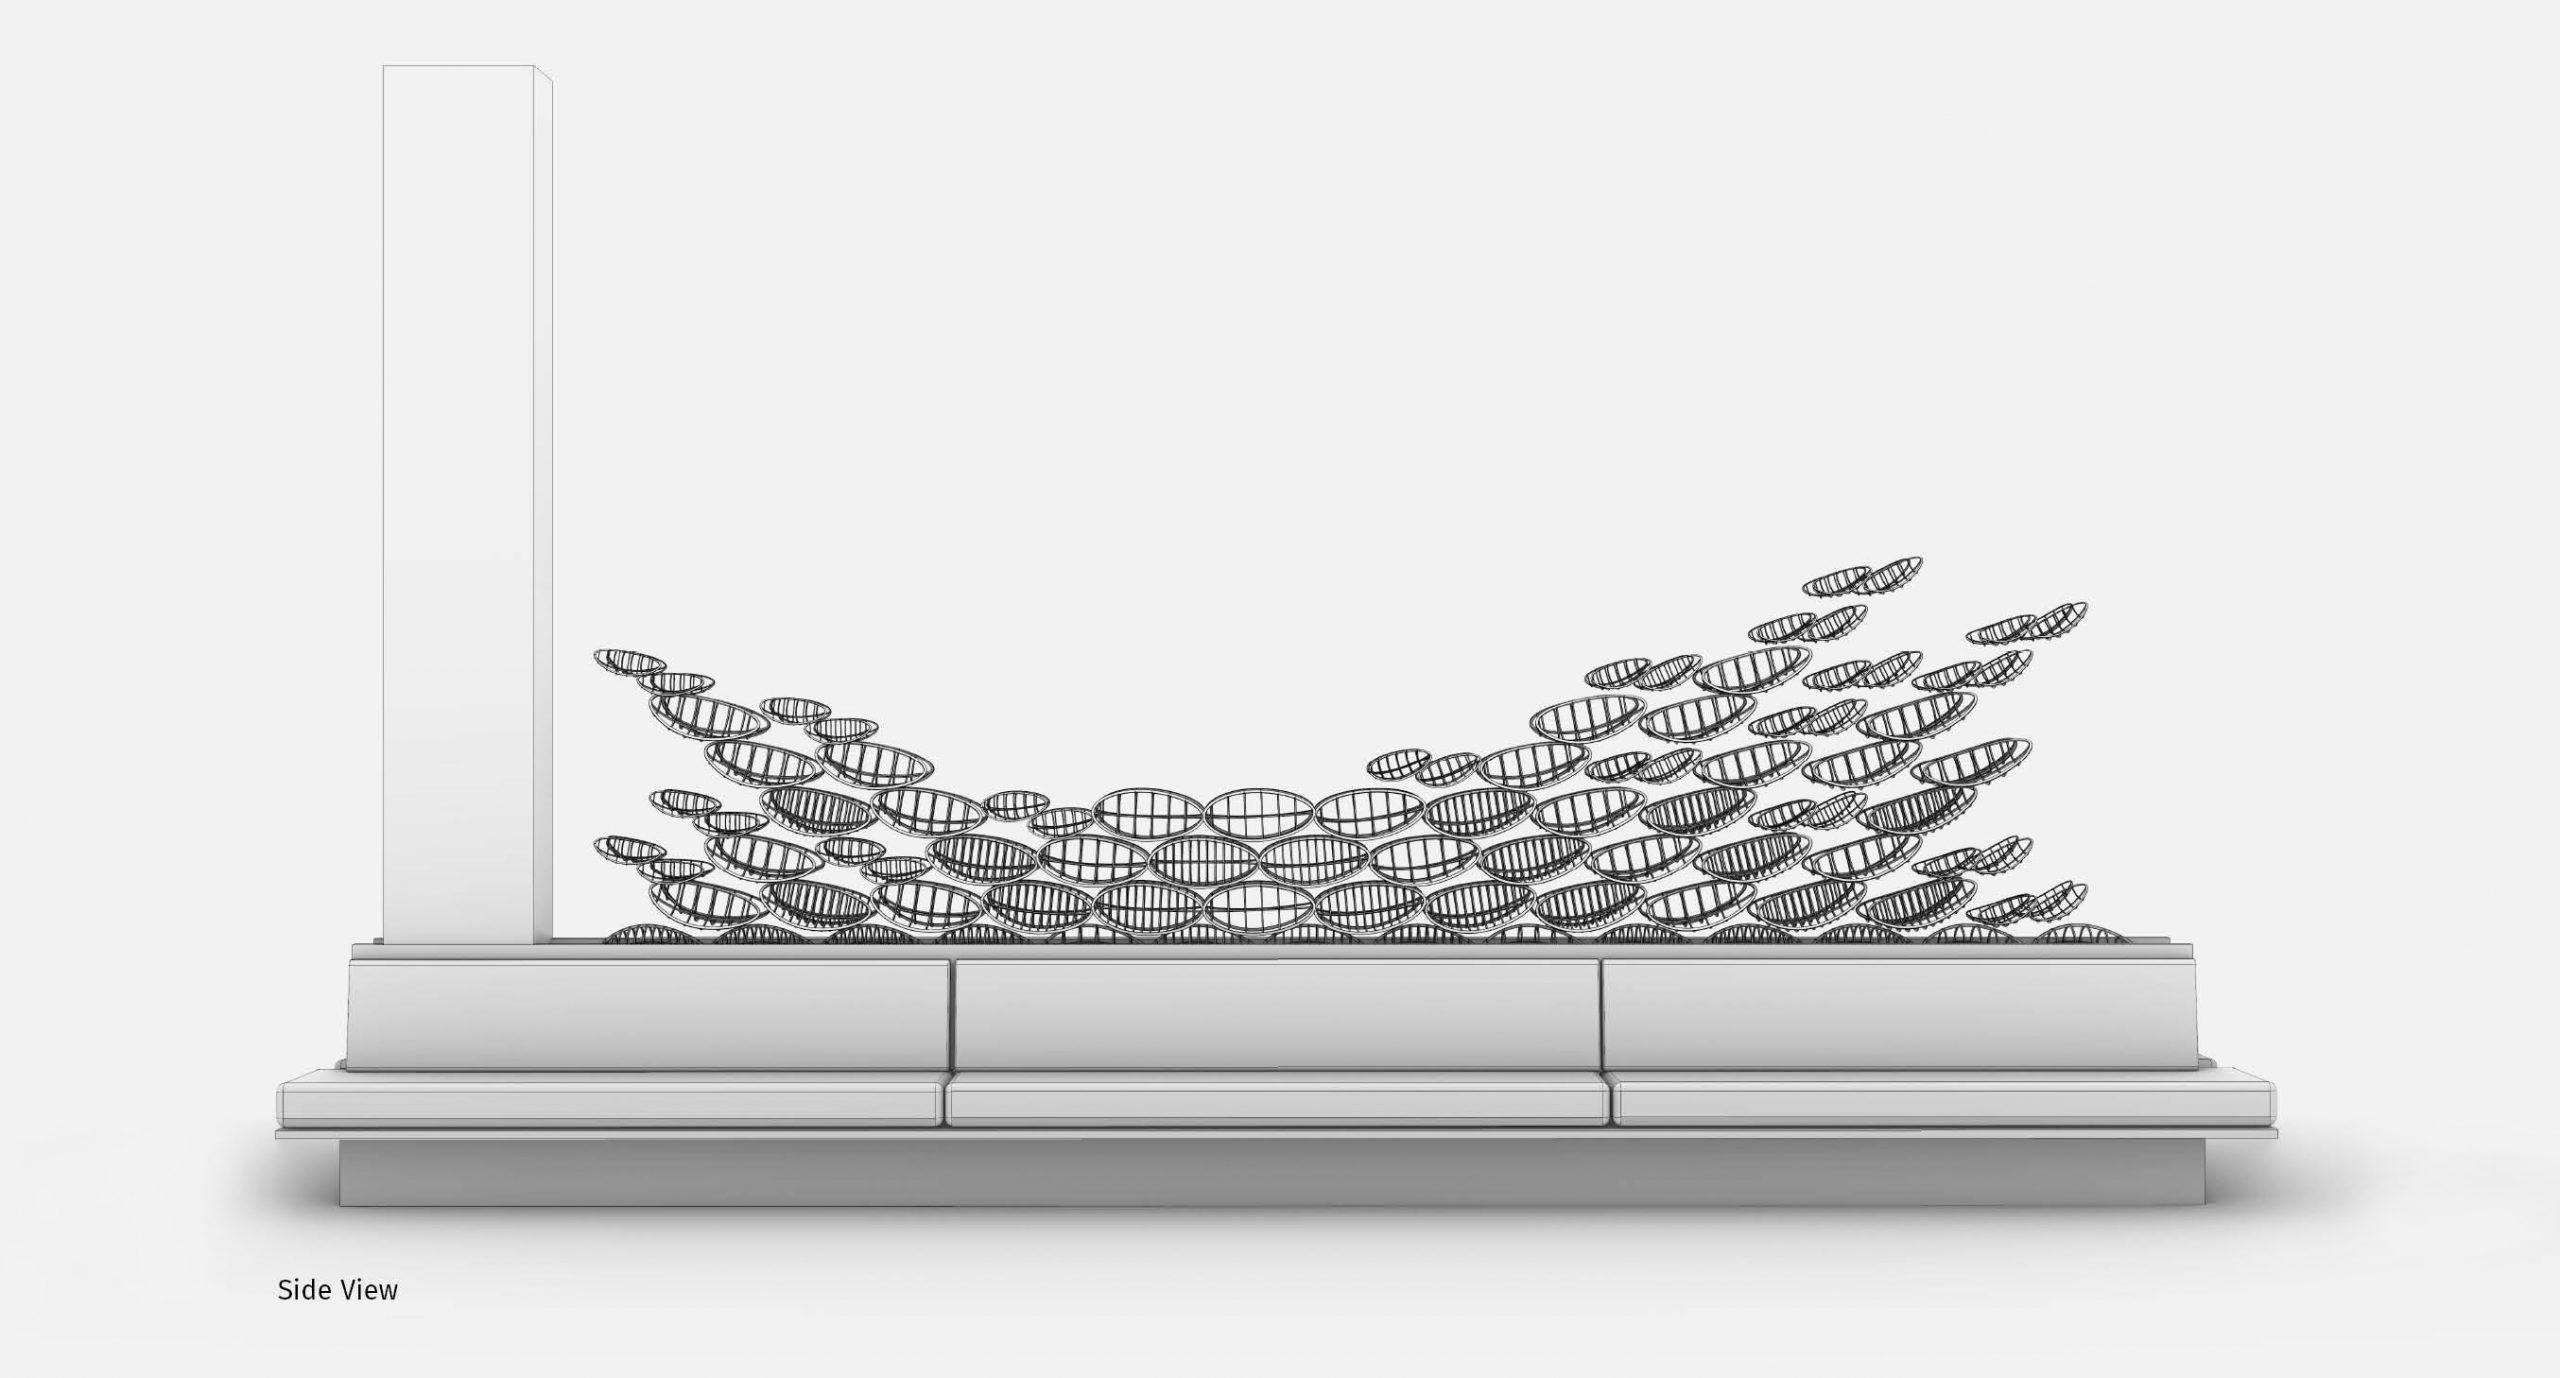 Spacegram_Flux_Instalation_Gold_Aluminium_Flock_Generative_DesignAxonometry_04